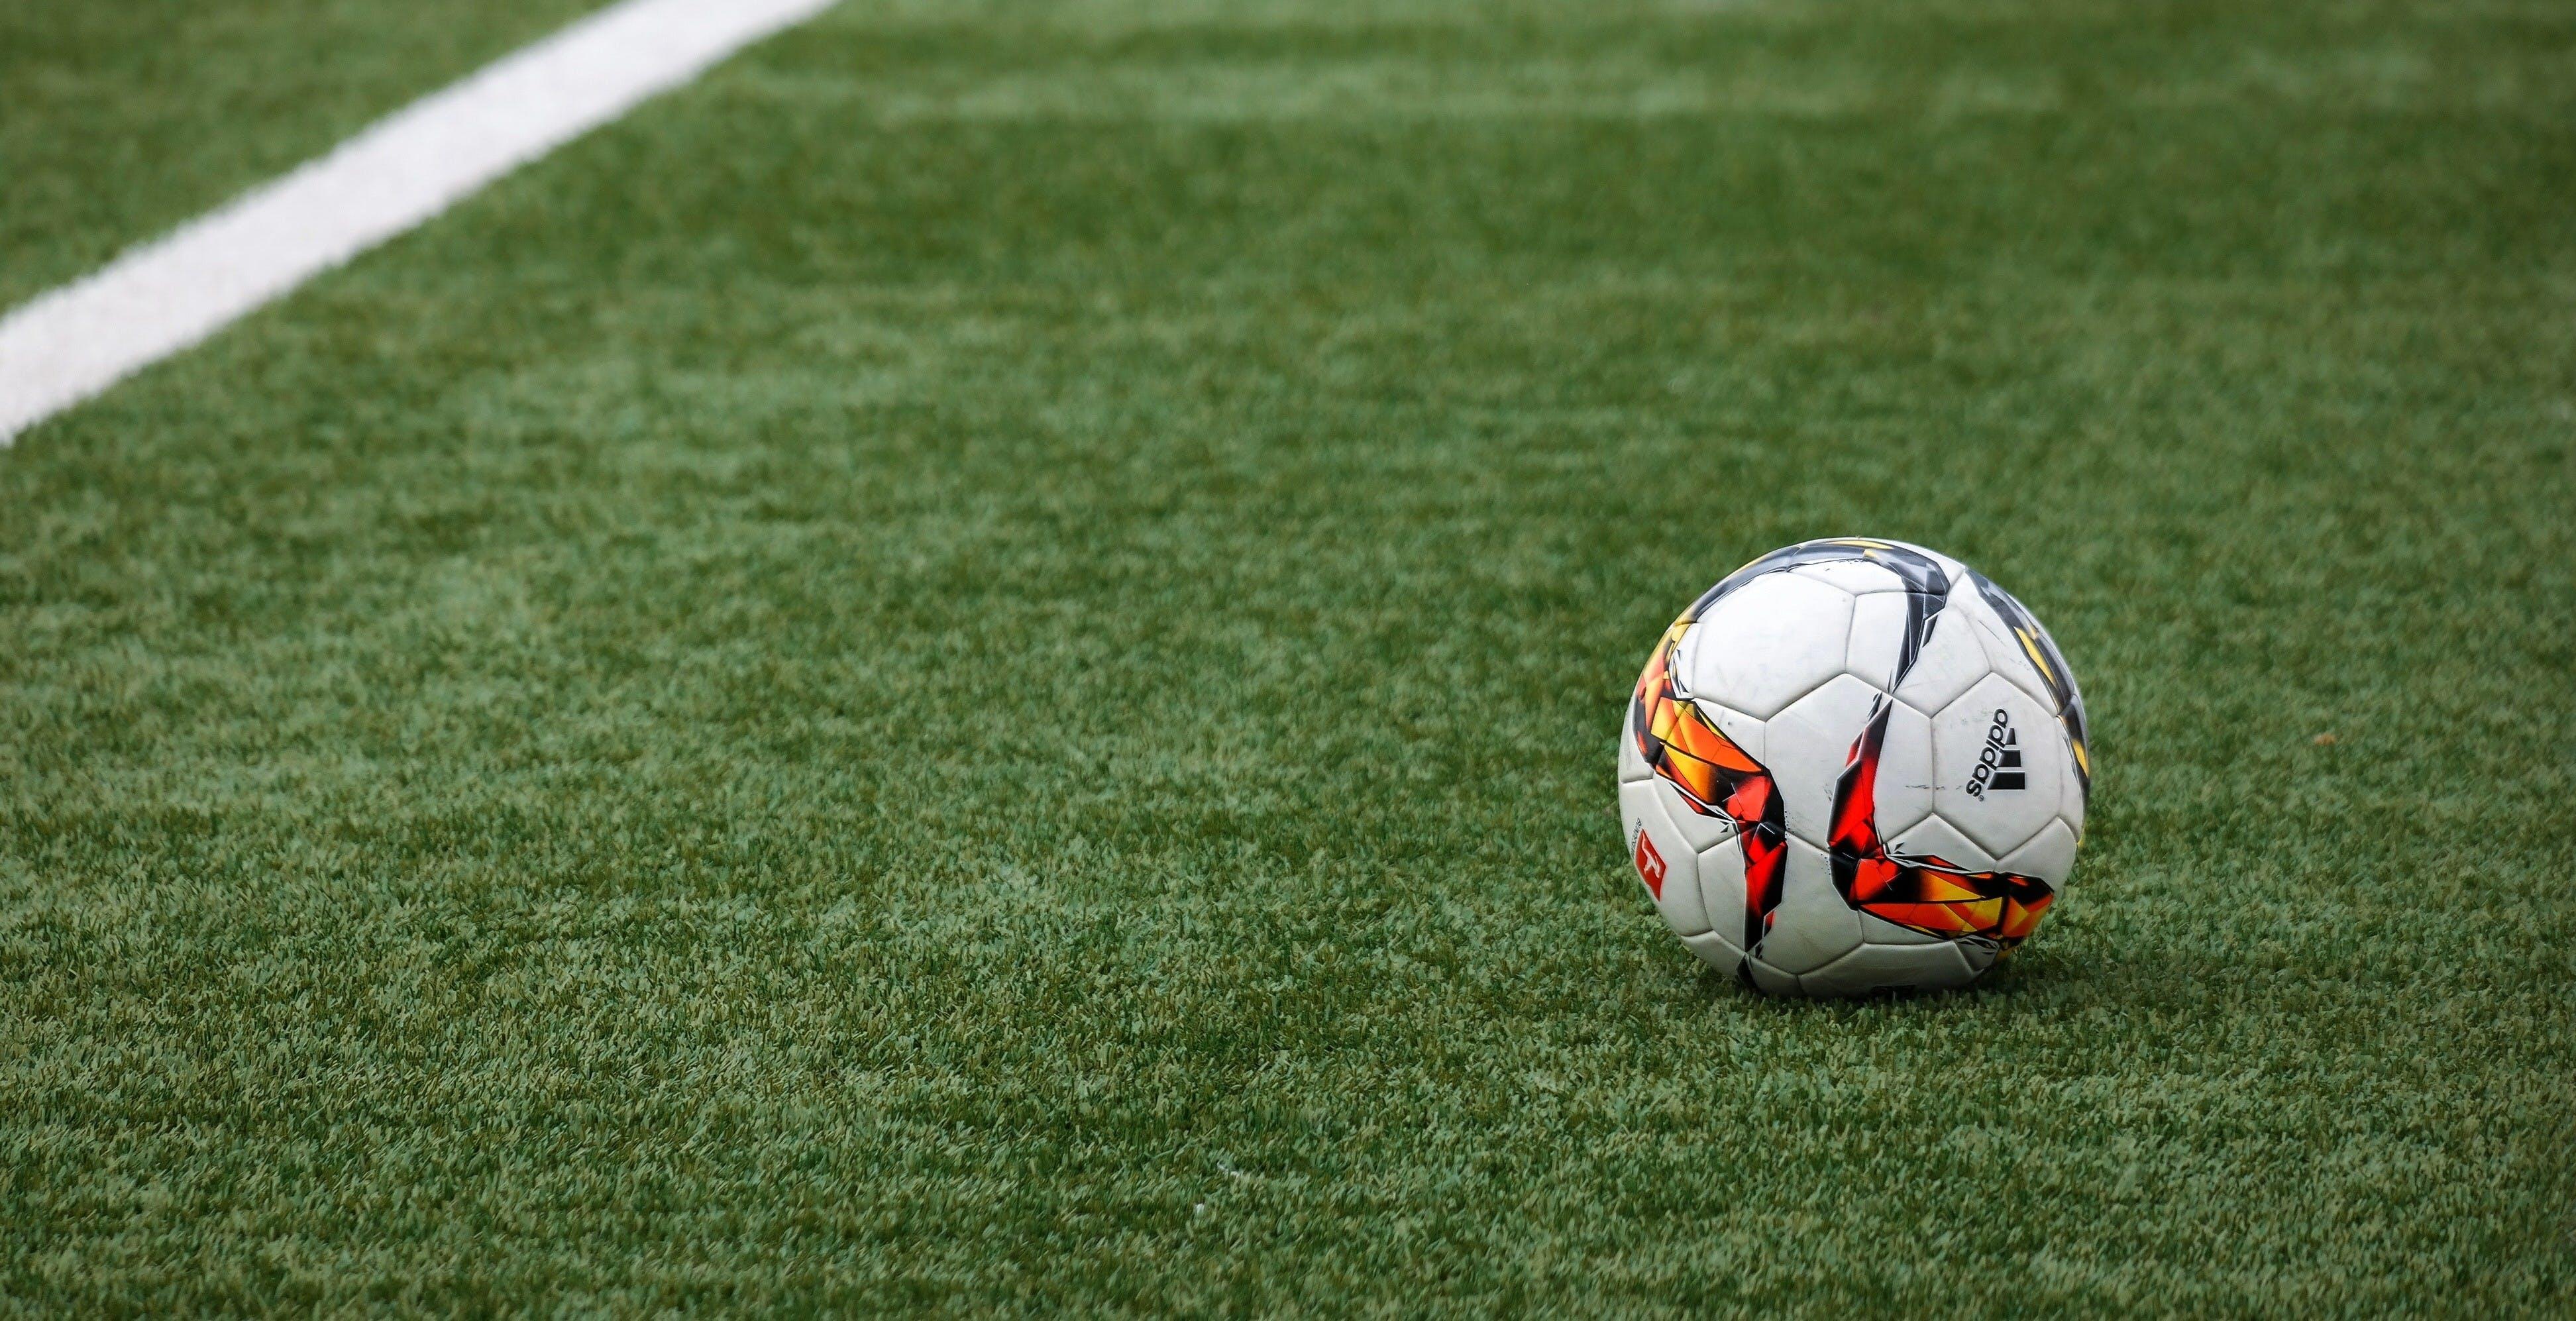 Serie A, pronta maxi-offerta per la nuova società dei diritti TV: 1,3 miliardi di euro